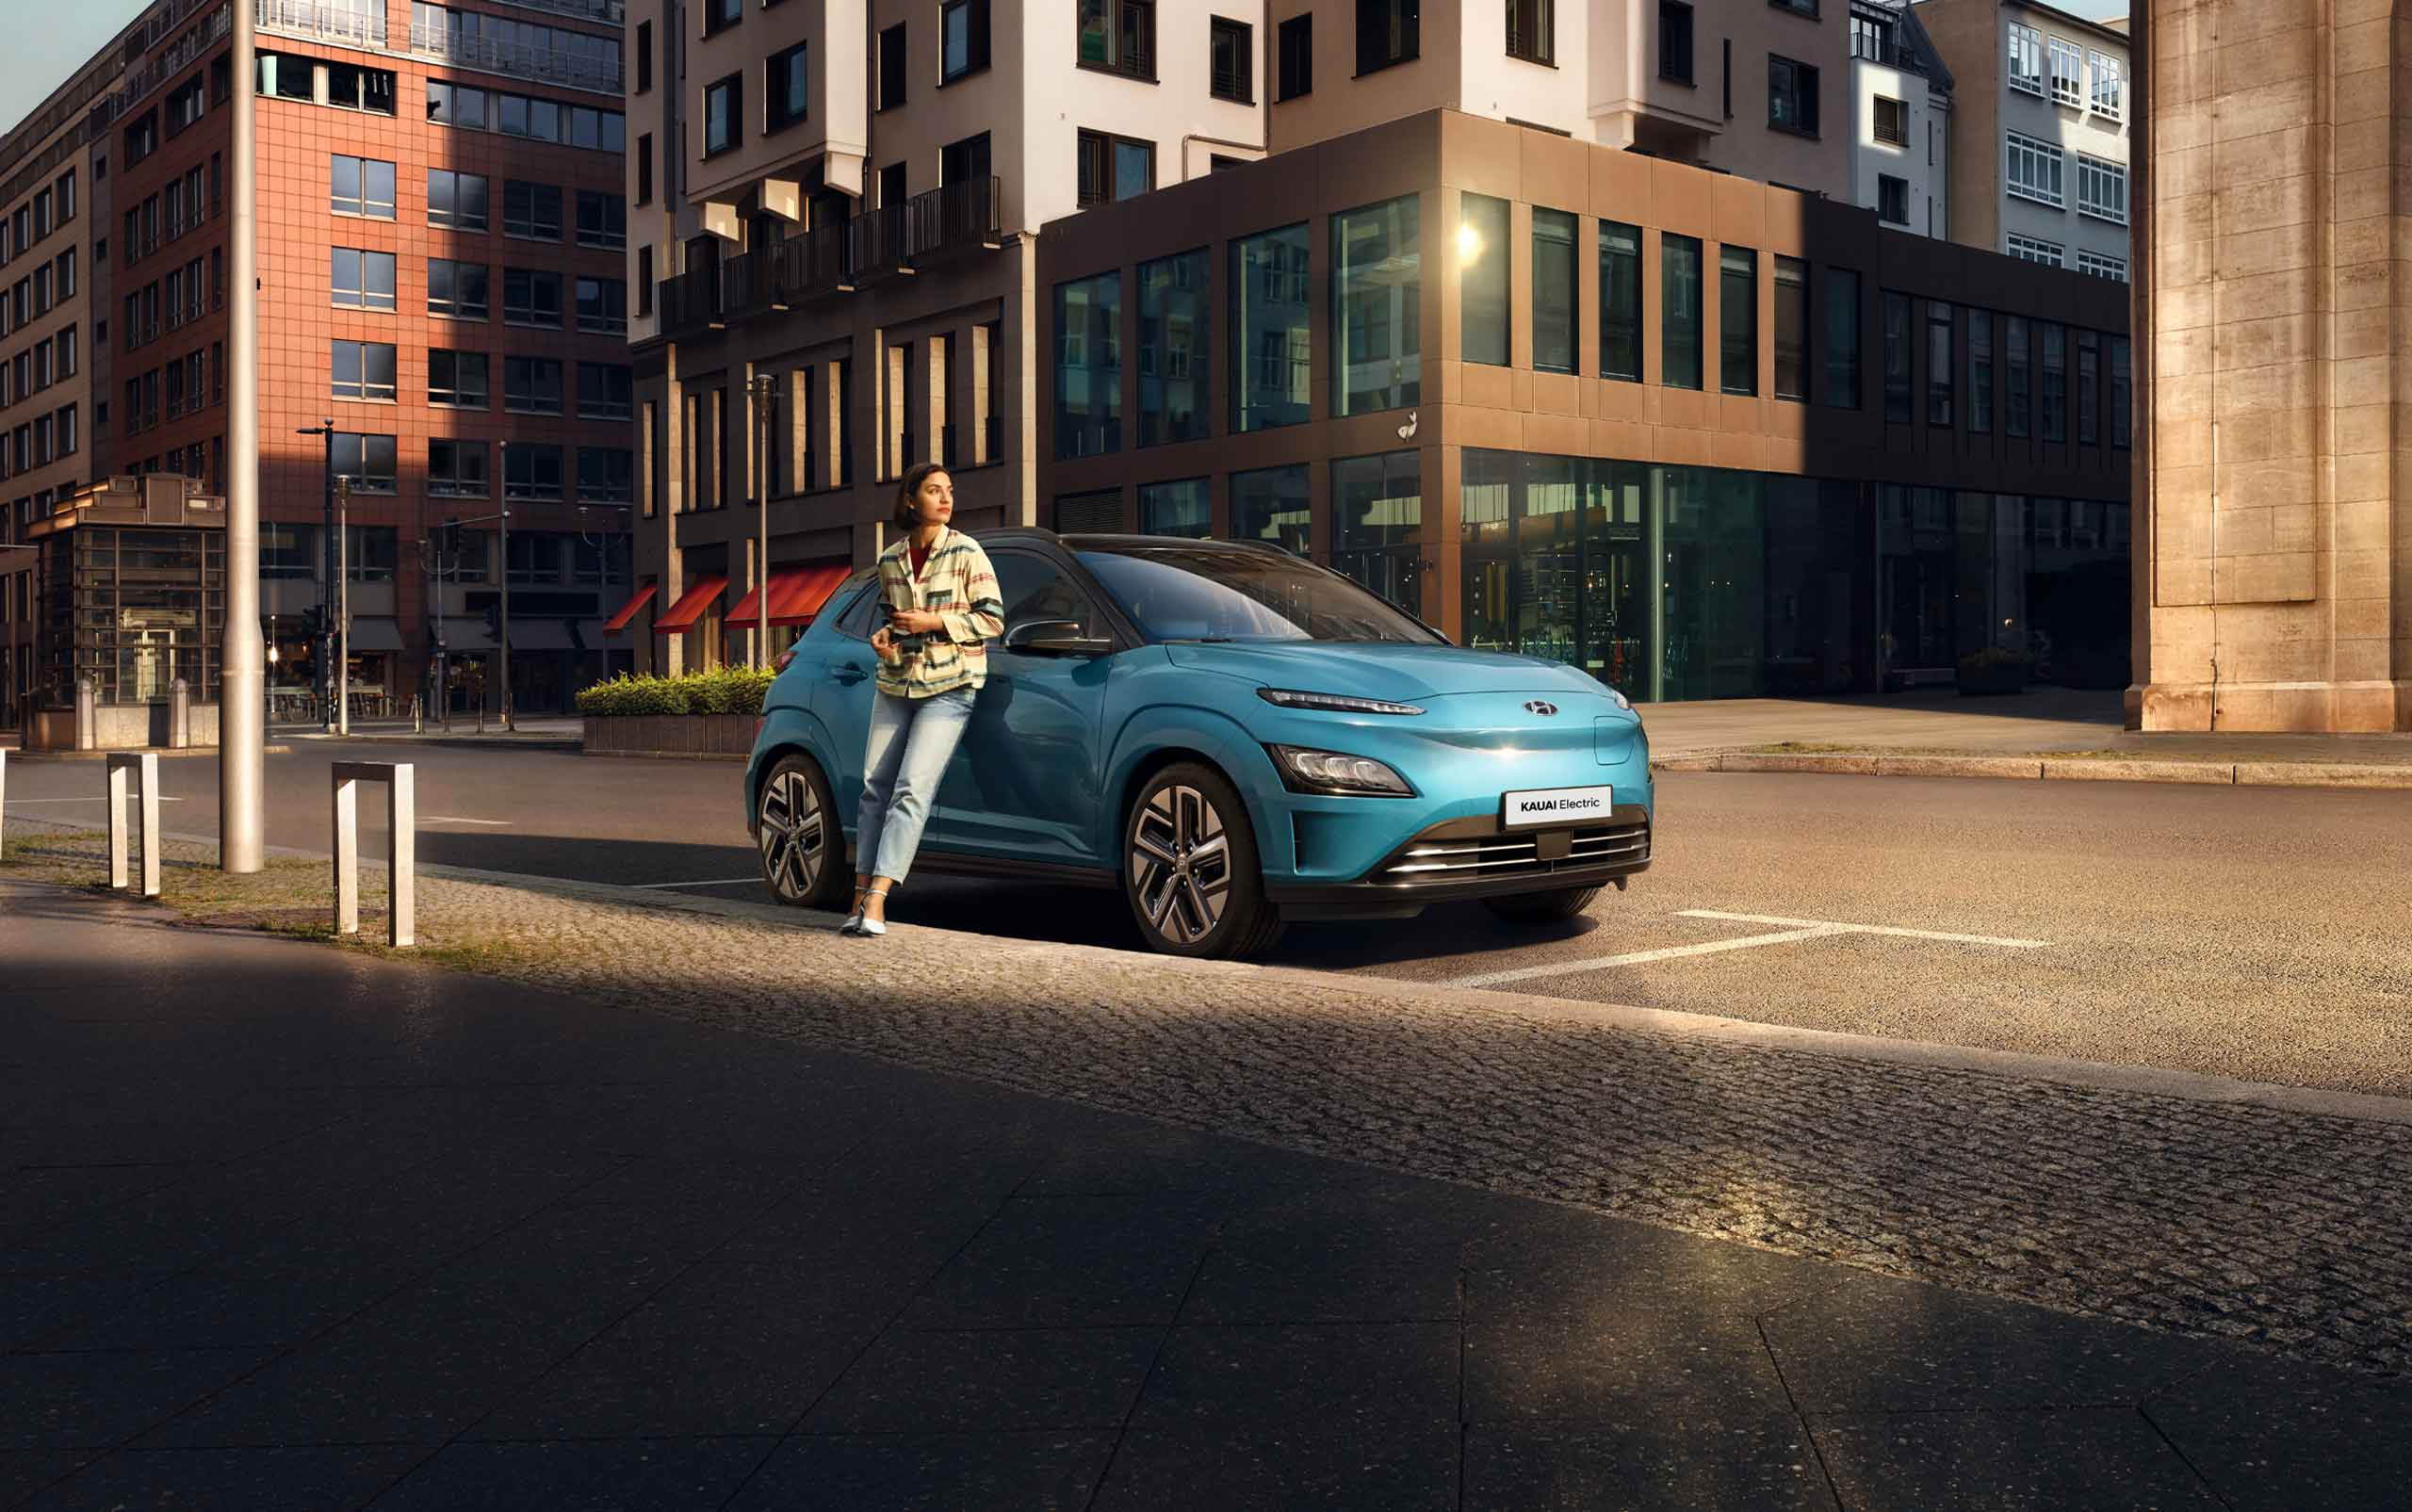 Hyundai Kauai elétrico azul na estrada com pessoa ao lado